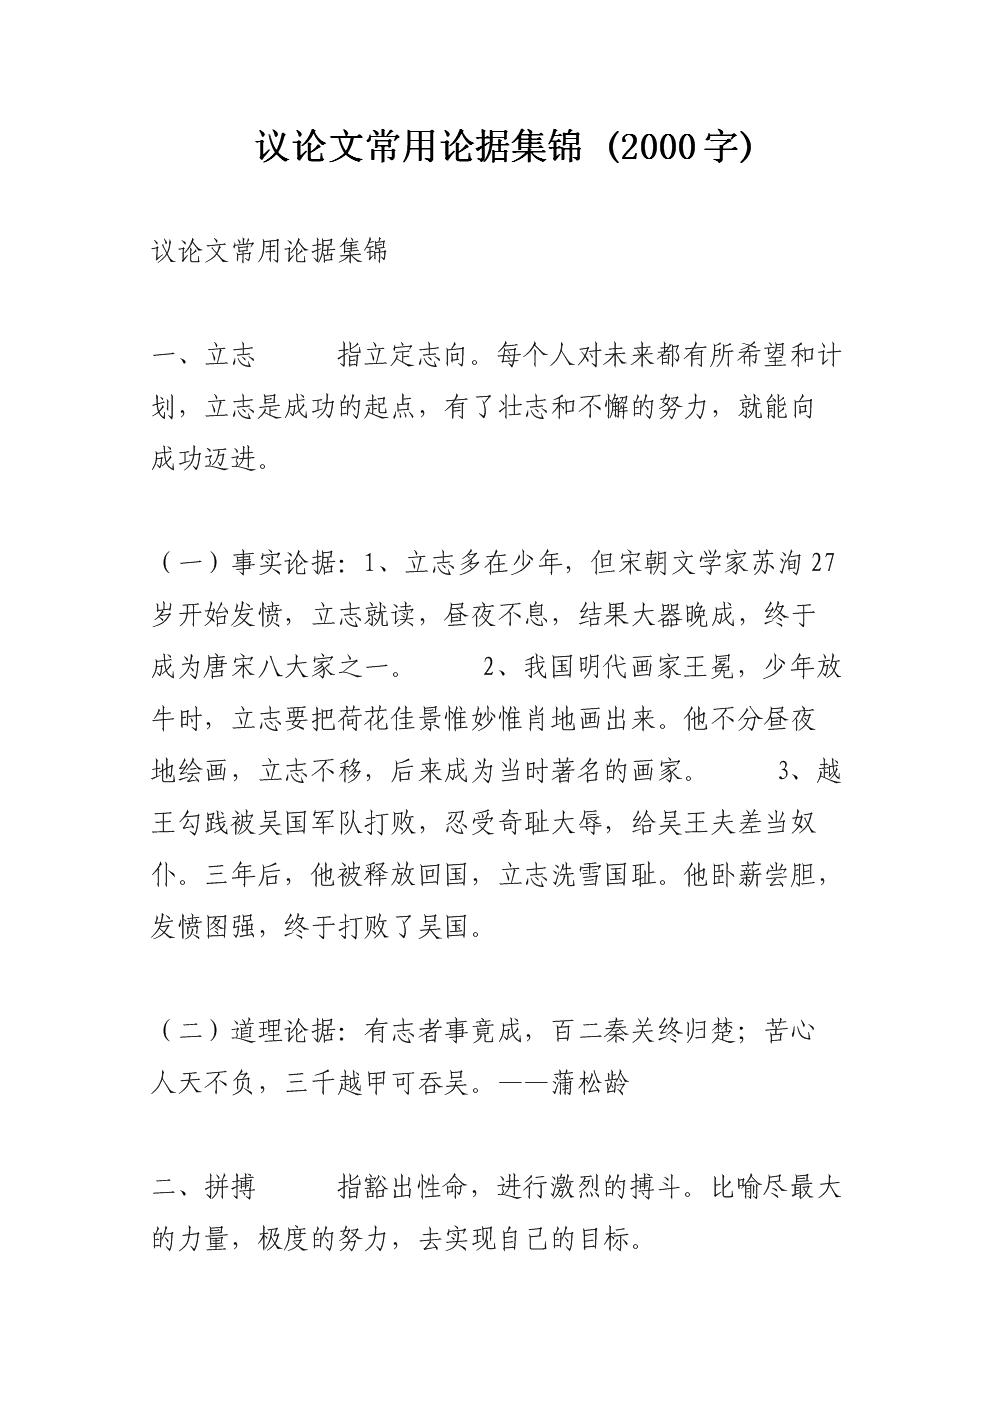 议论文常用论据集锦 (2000字).doc